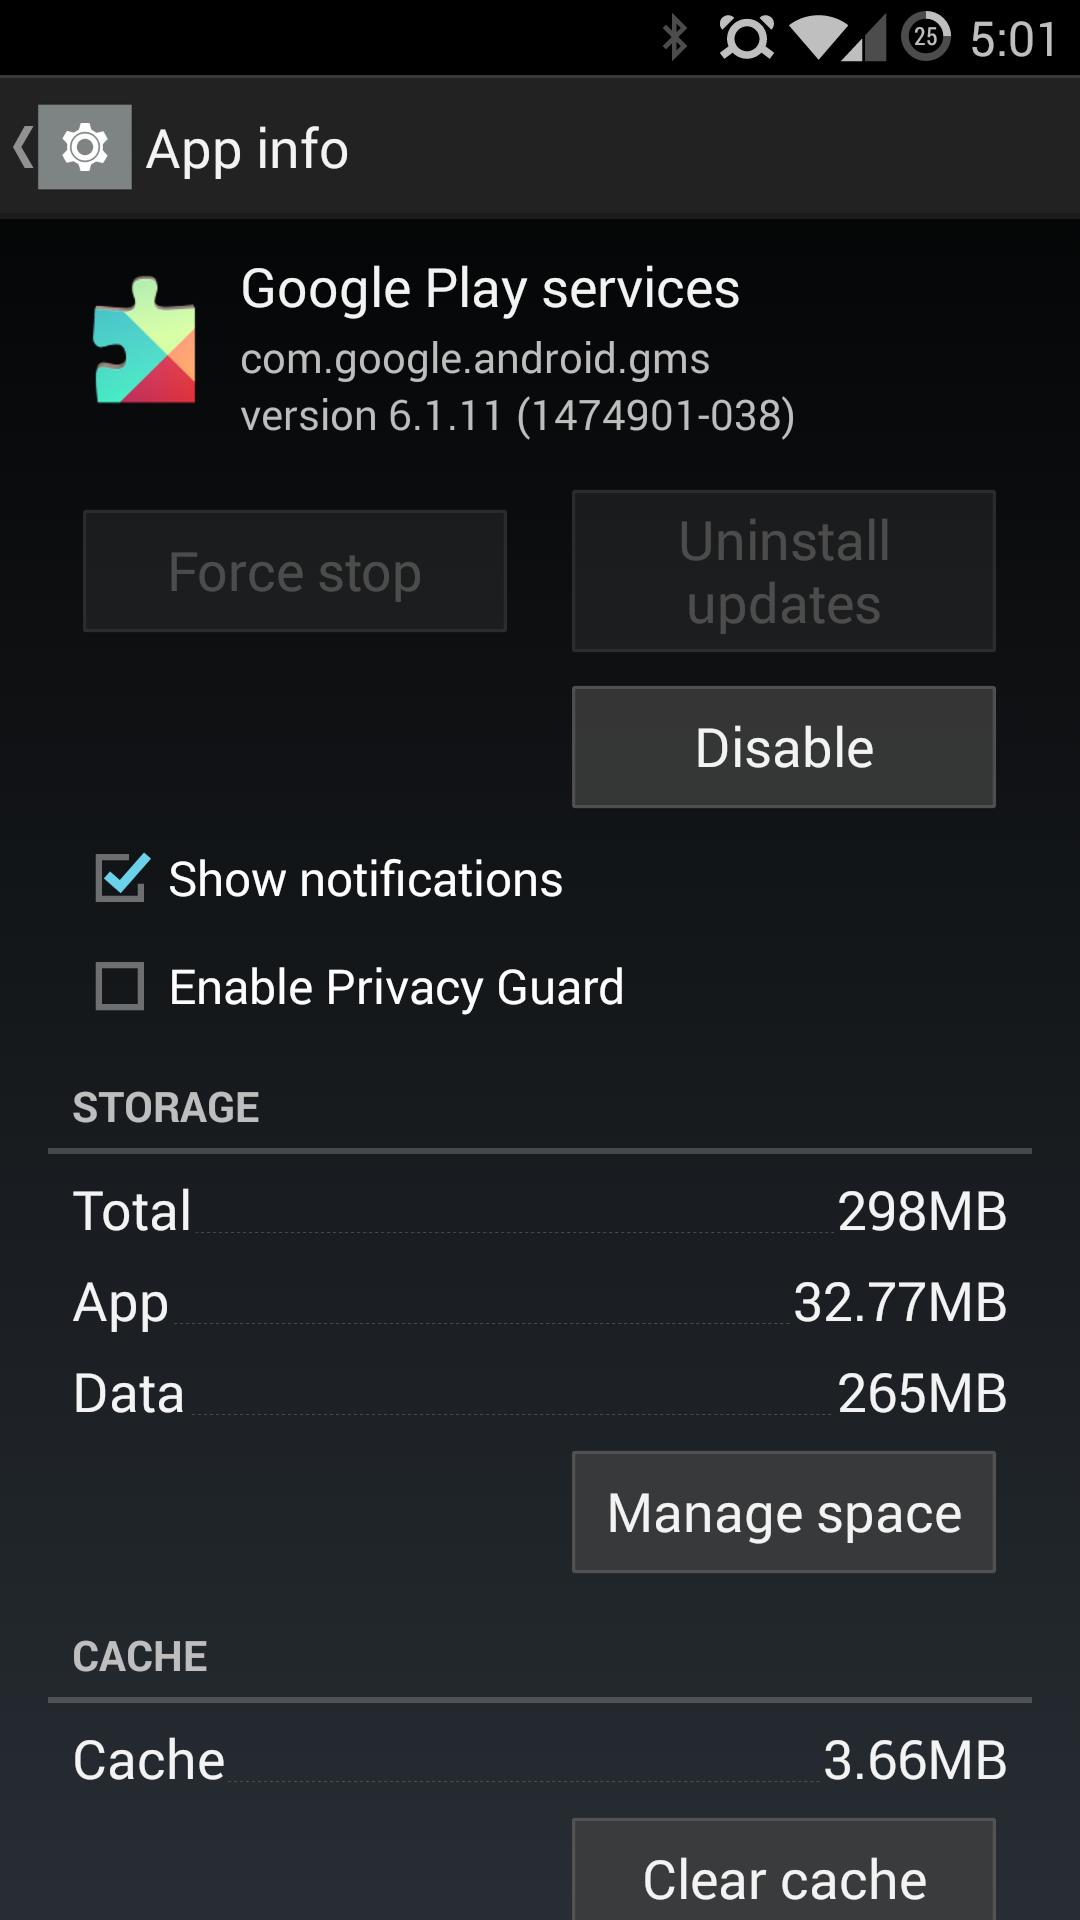 qn6hbET تحميل Google Play services 10.0.84 لجميع اصدارات الاندرويد